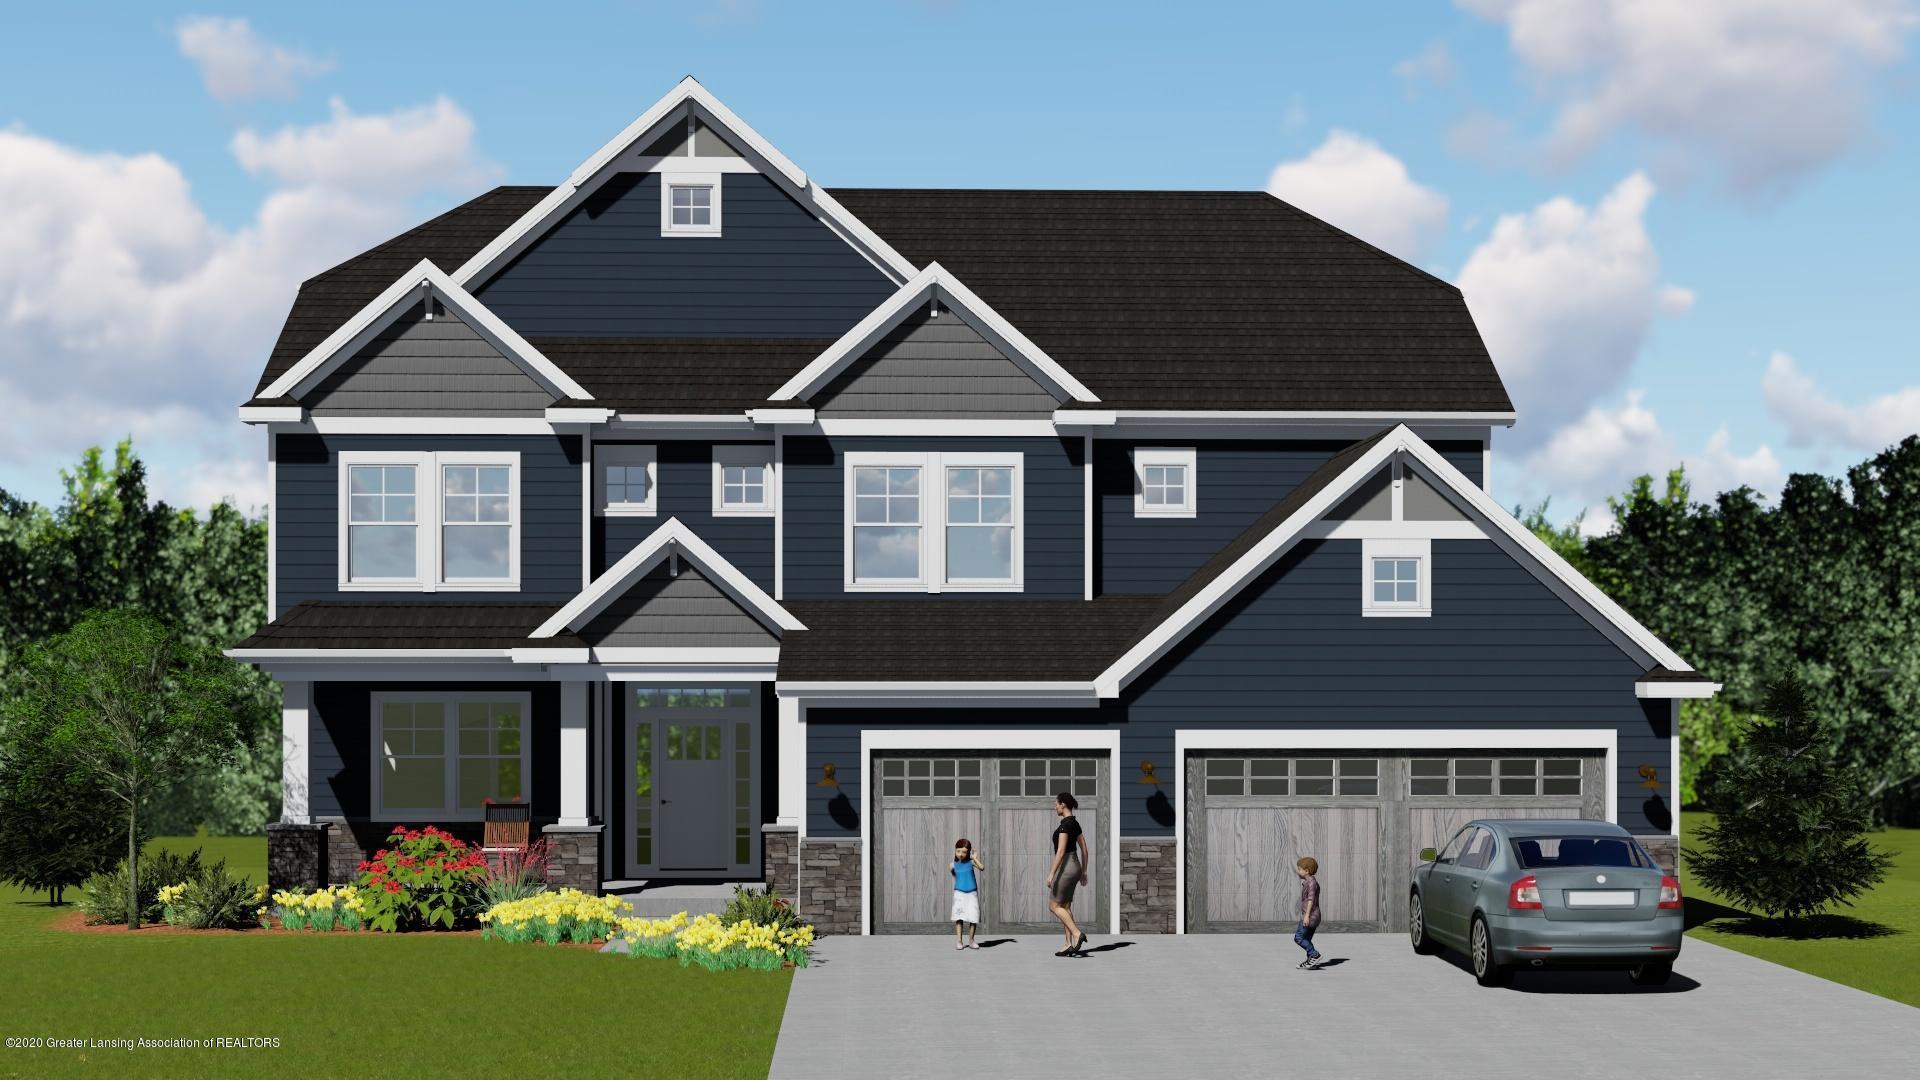 6073 Sleepy Hollow Ln - Lansing Parade of Homes - 1